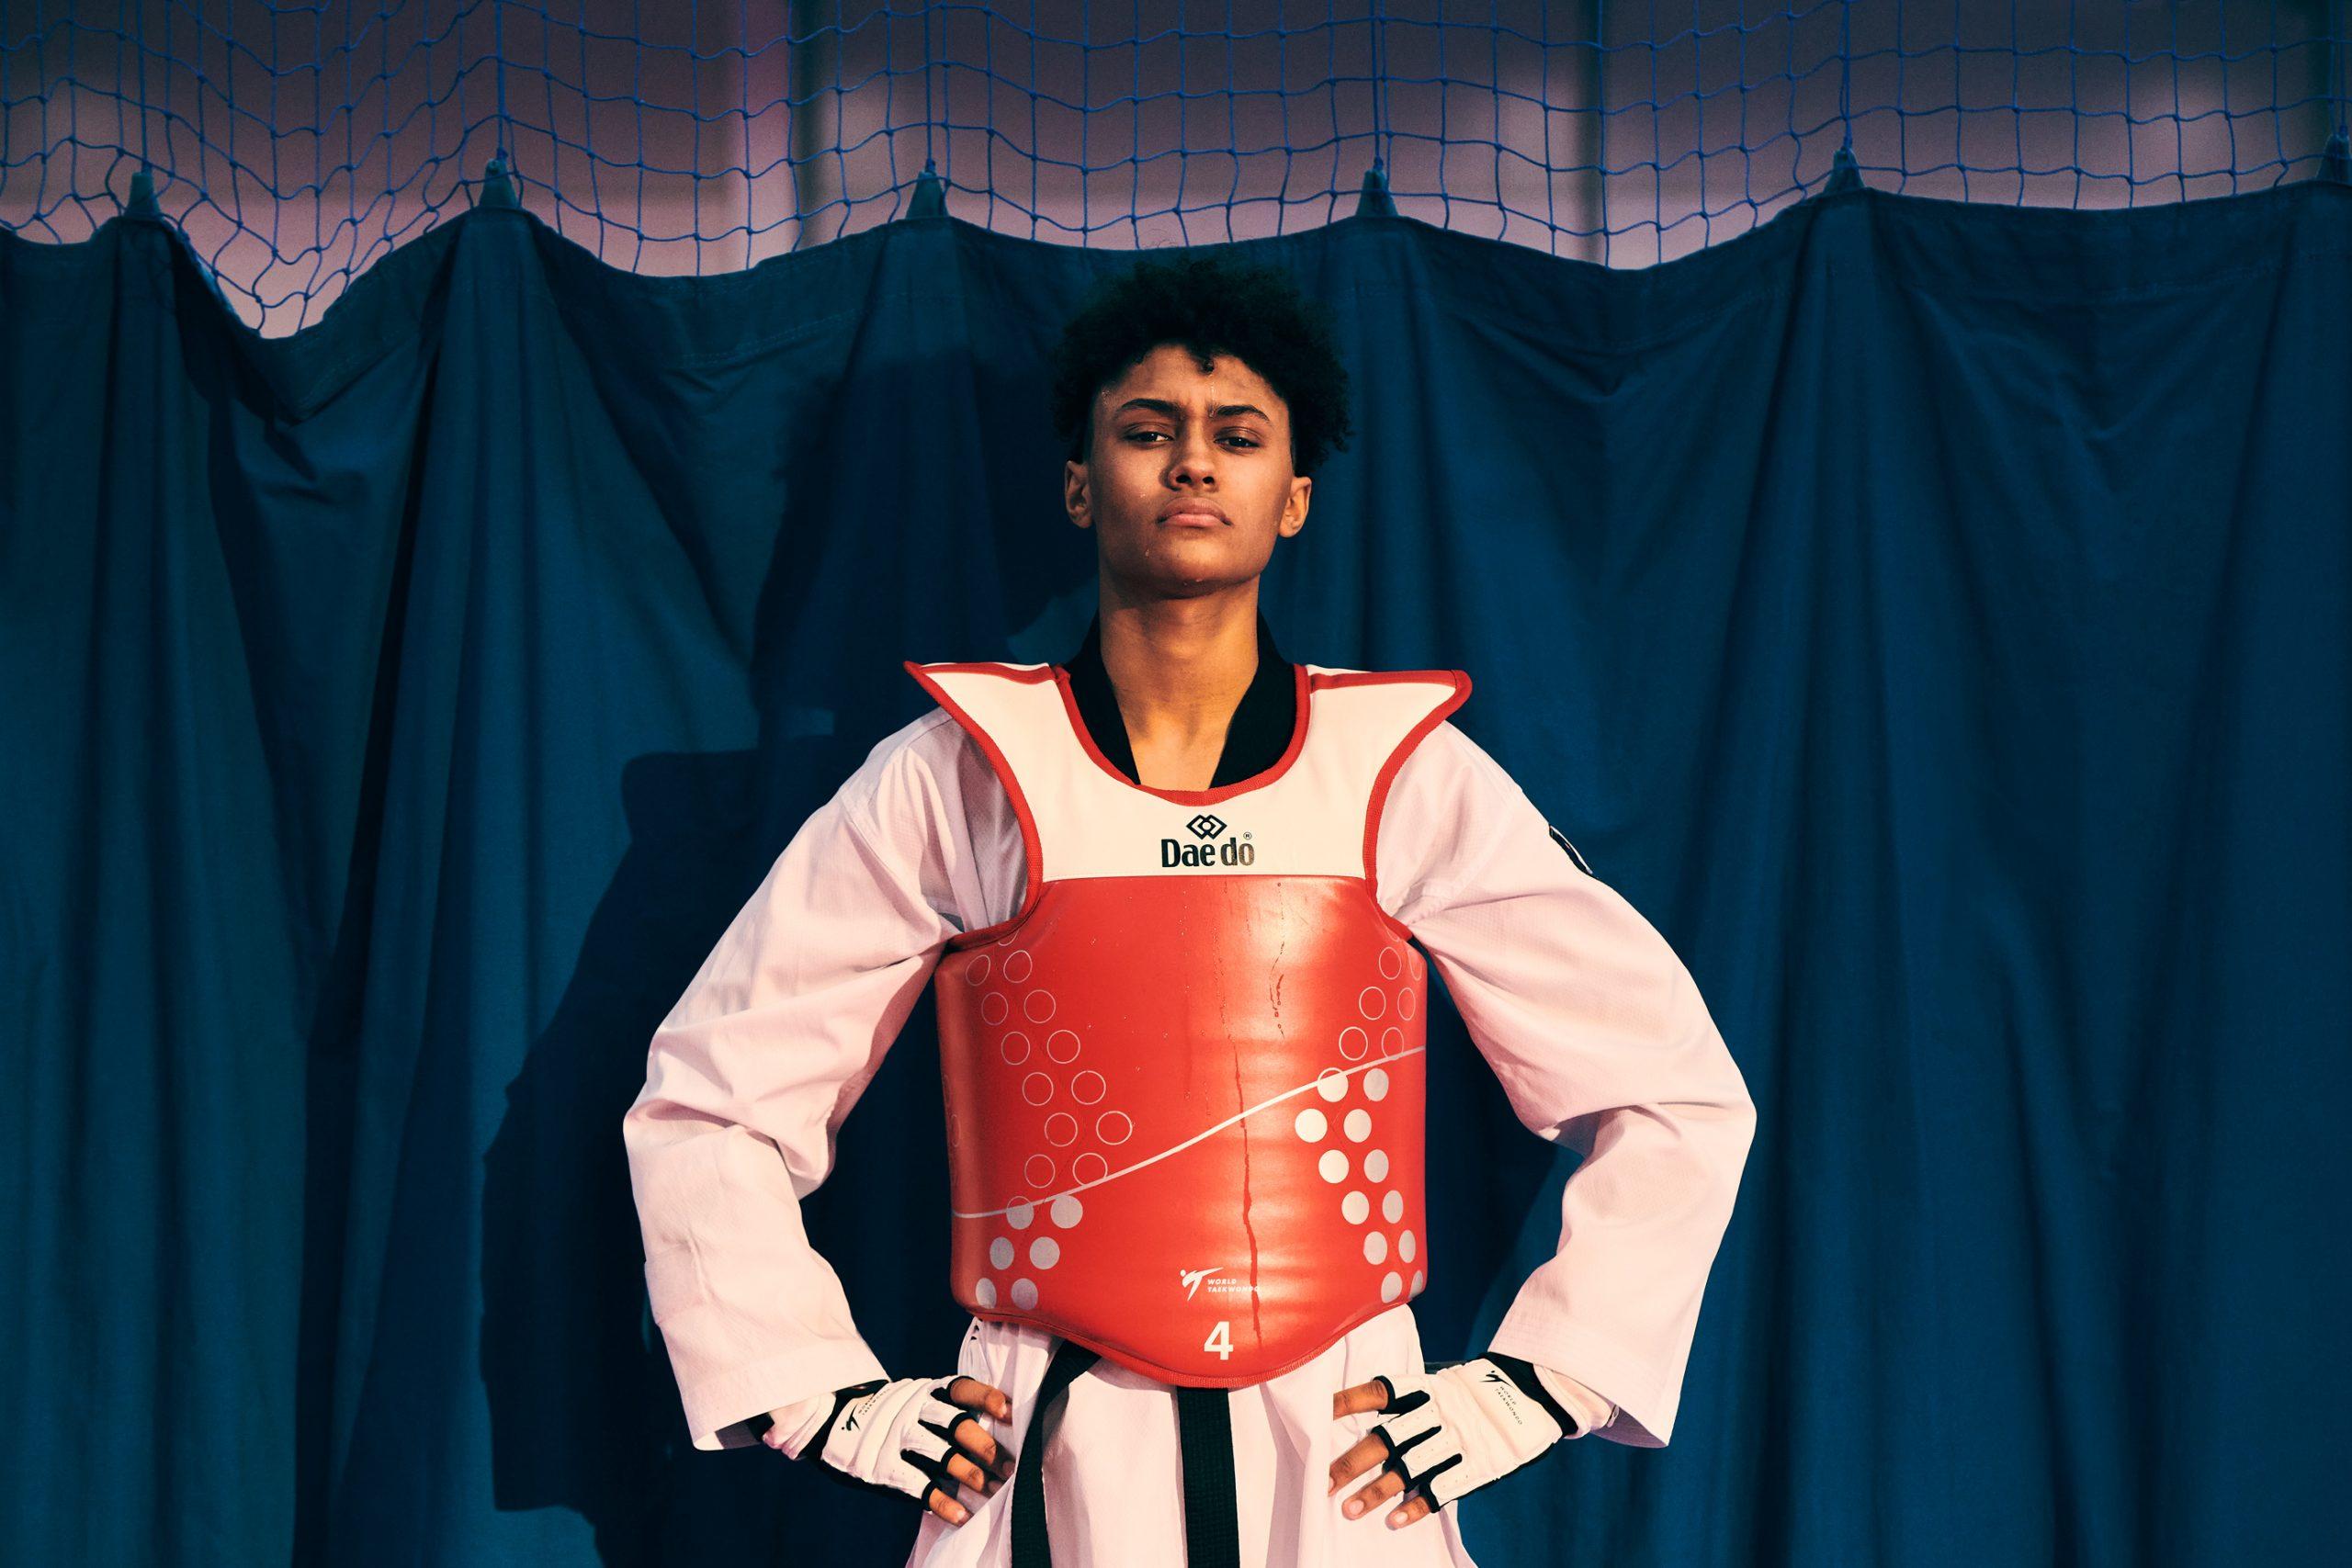 Forte_Caden-Taekwondo12426